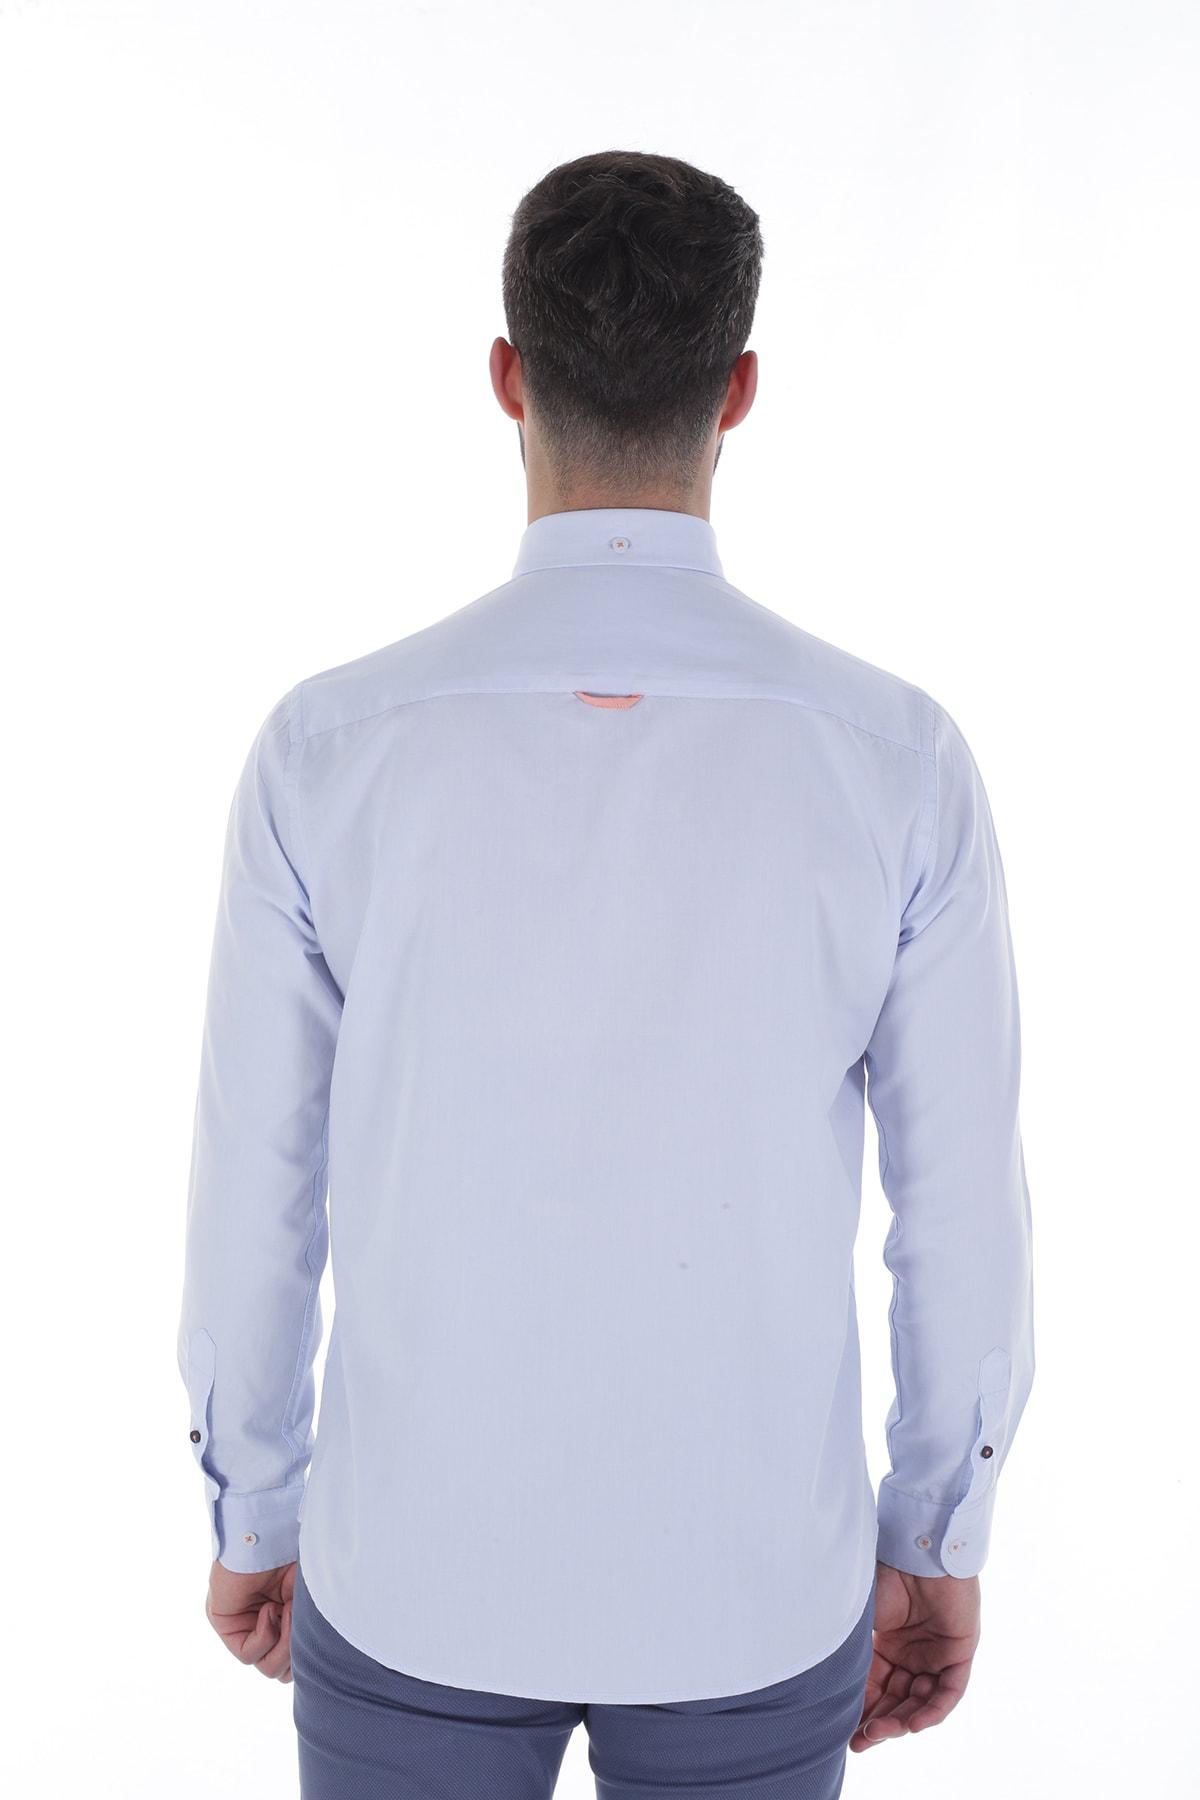 Diandor Uzun Kollu Erkek Gömlek Gri/Grey 1912007 2